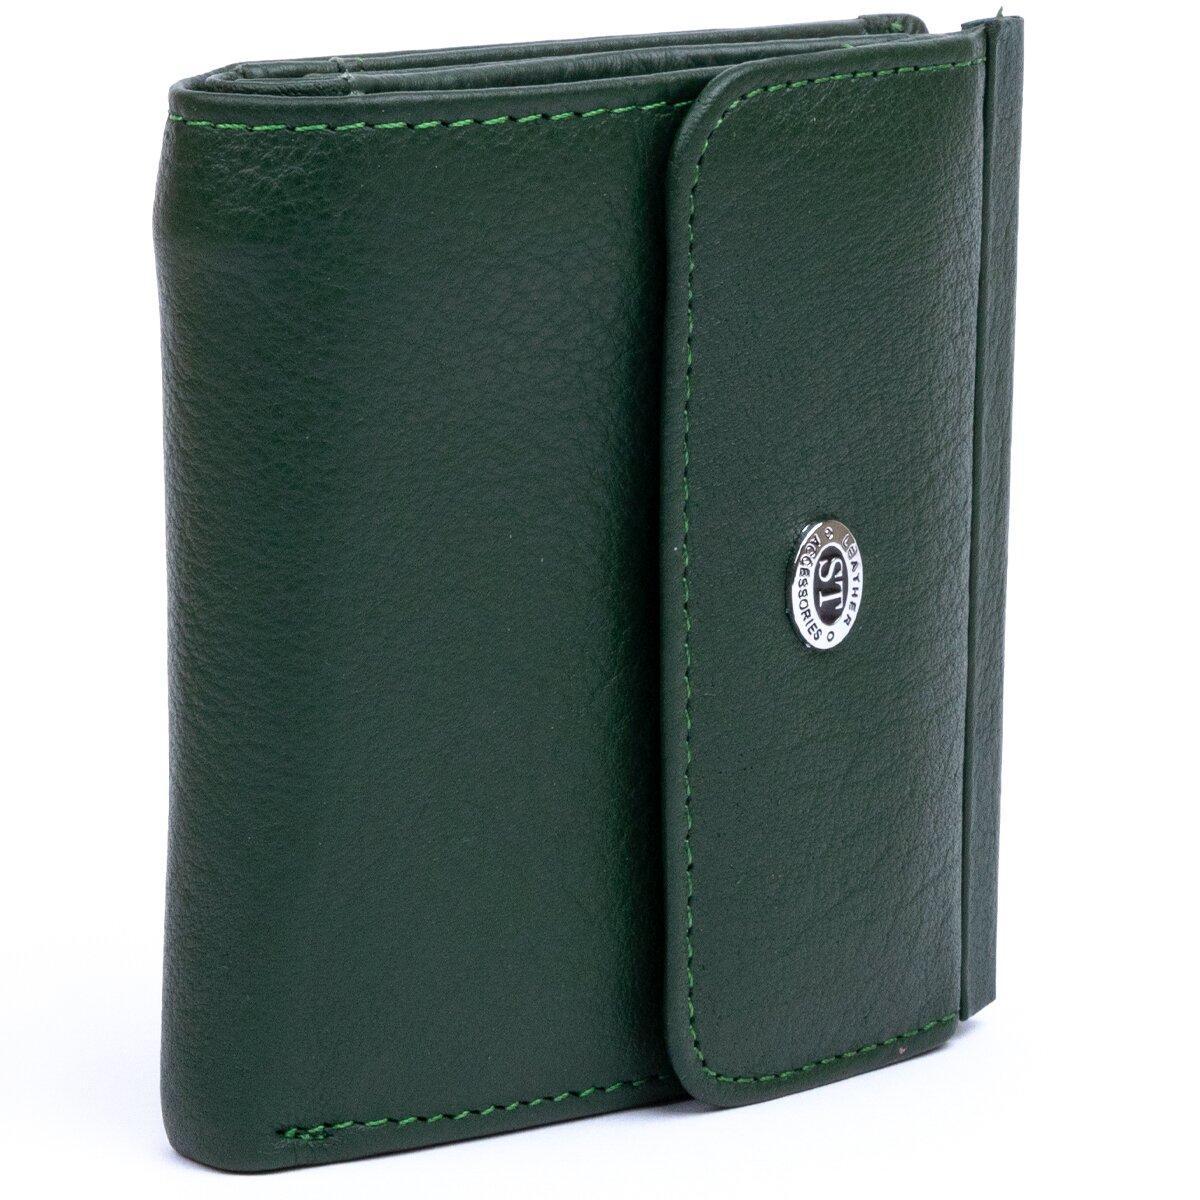 Оригінальний жіночий гаманець ST Leather 18922 Зелений